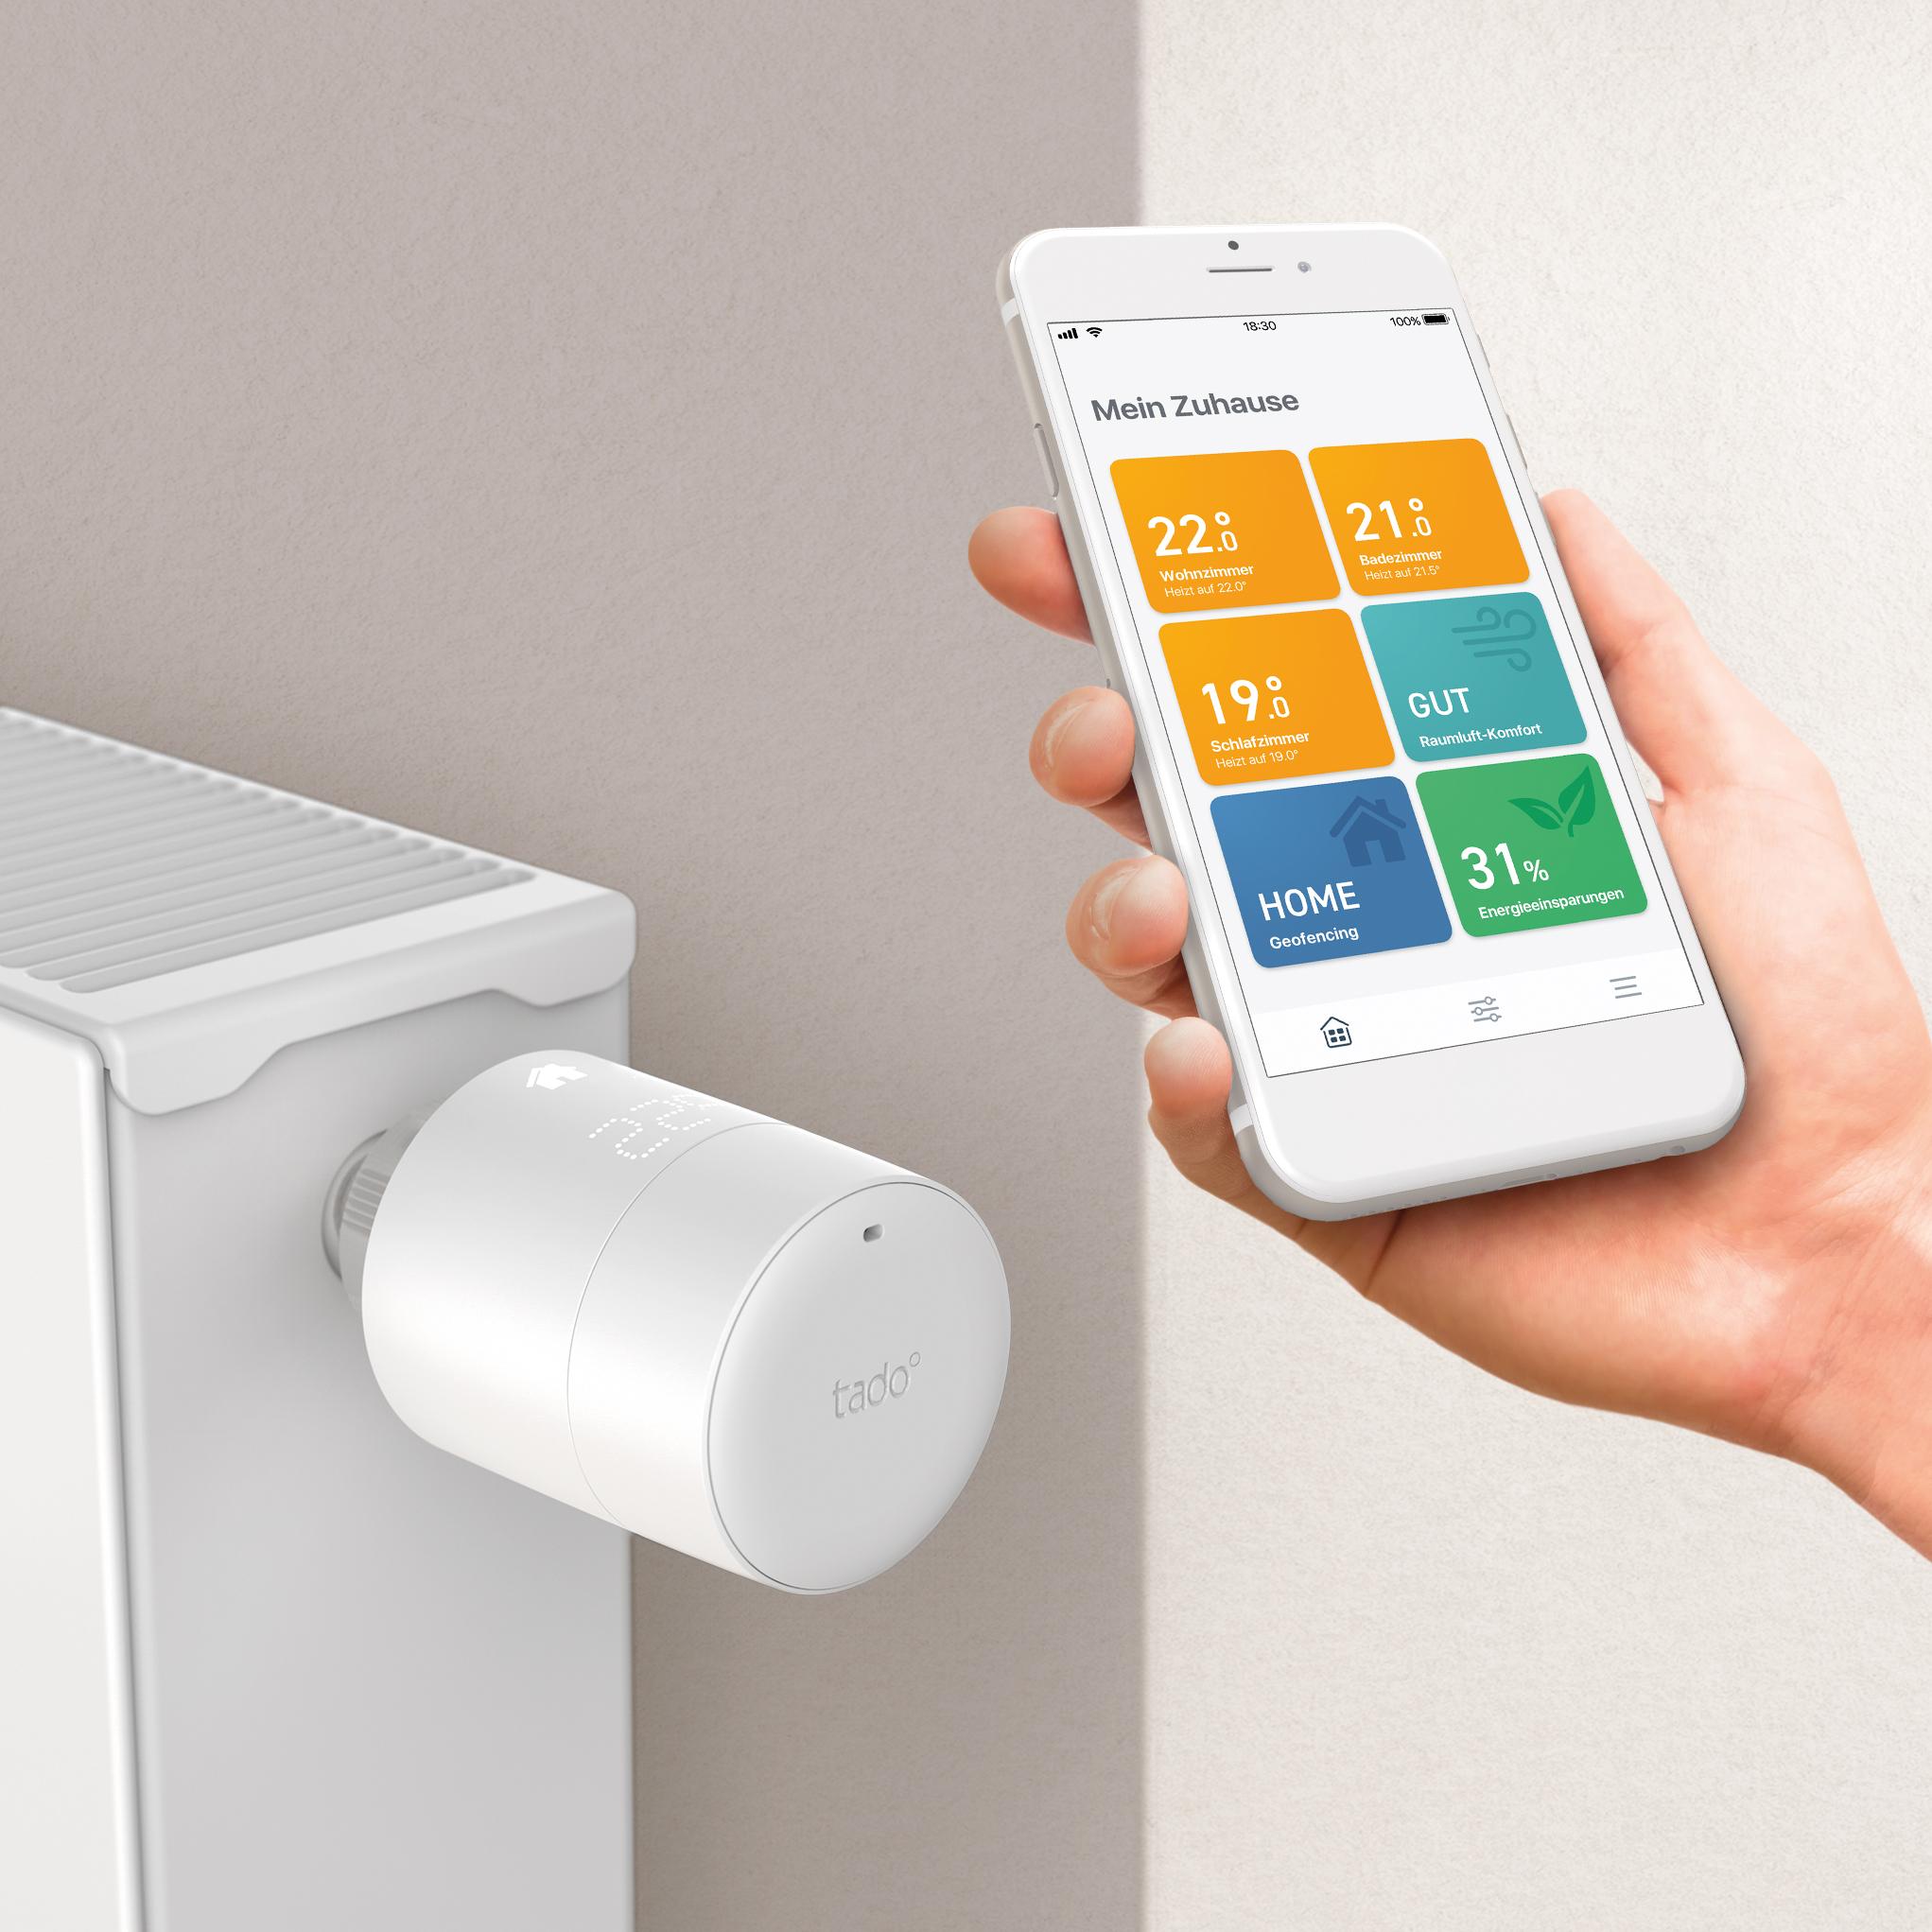 Smart Home: Tado setzt bei neuen Thermostaten auf smarte Unterstützung - Das neue V3+-Thermostat von Tado (Bild: Tado)